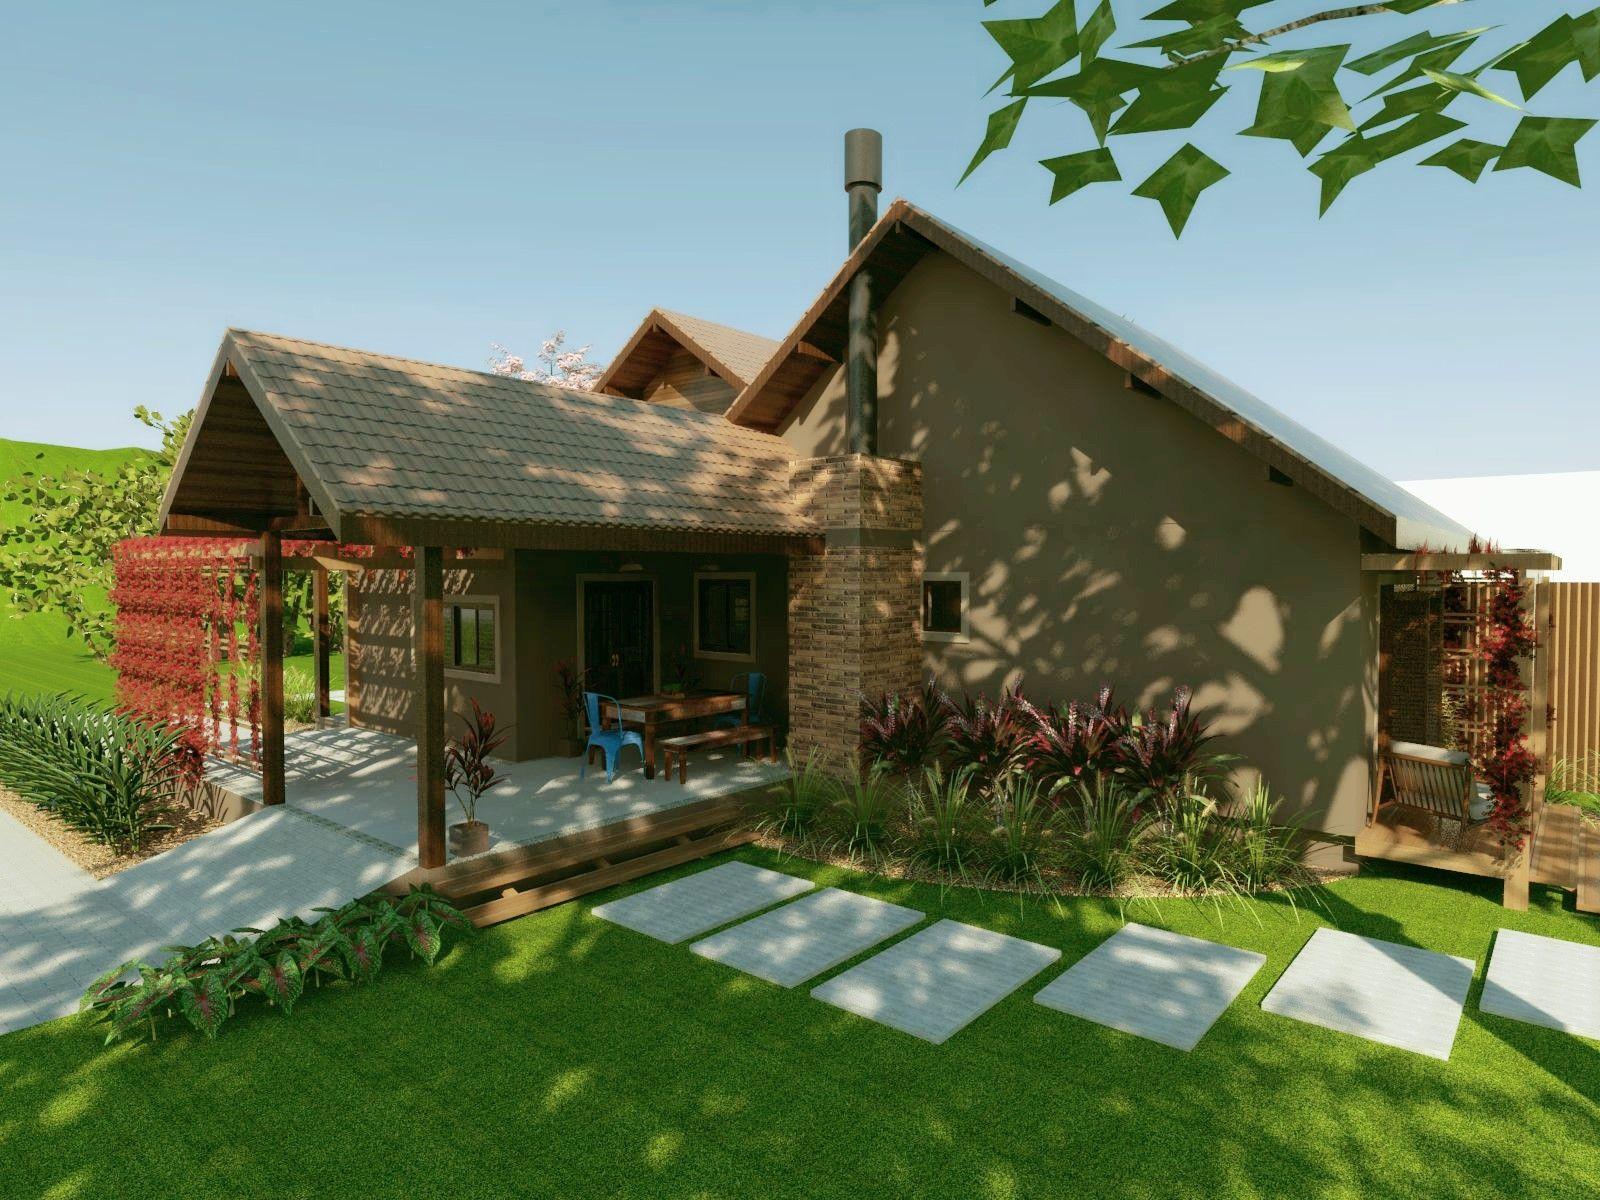 Casa de campo casa na serra casa em estilo r stica casa em for Casas de campo rusticas